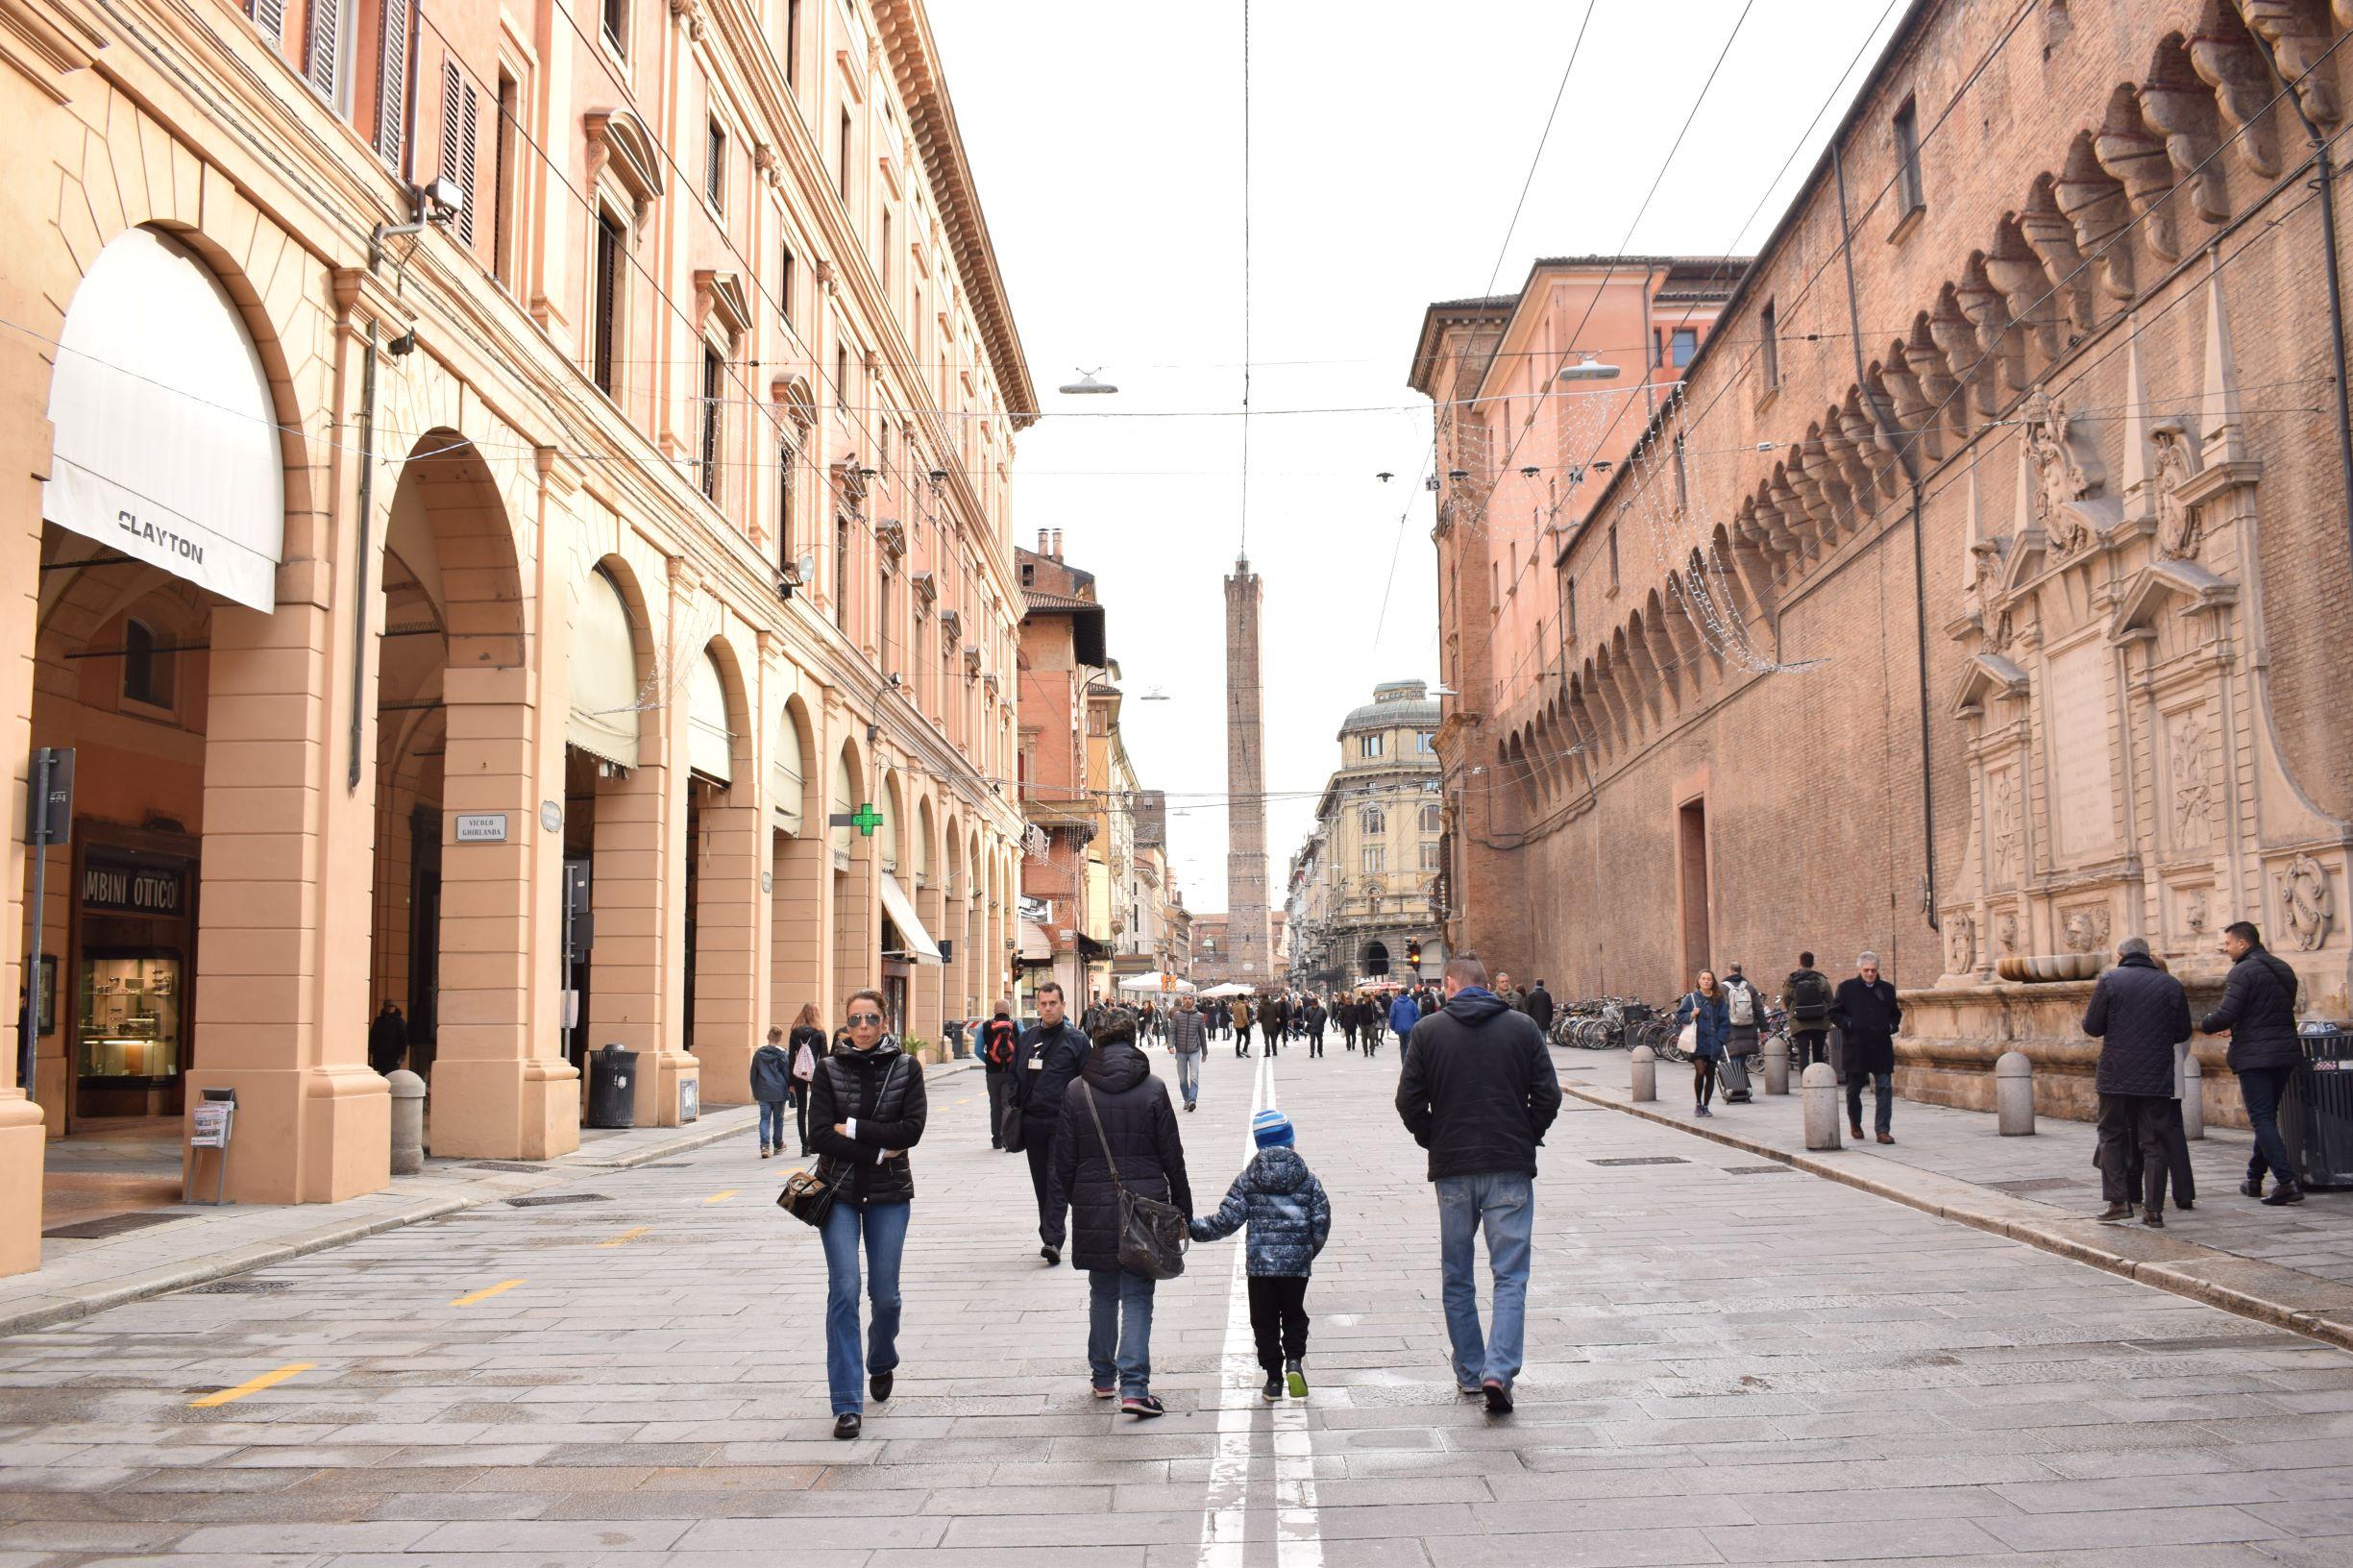 Van portici tot pasta: op bezoek in Bologna